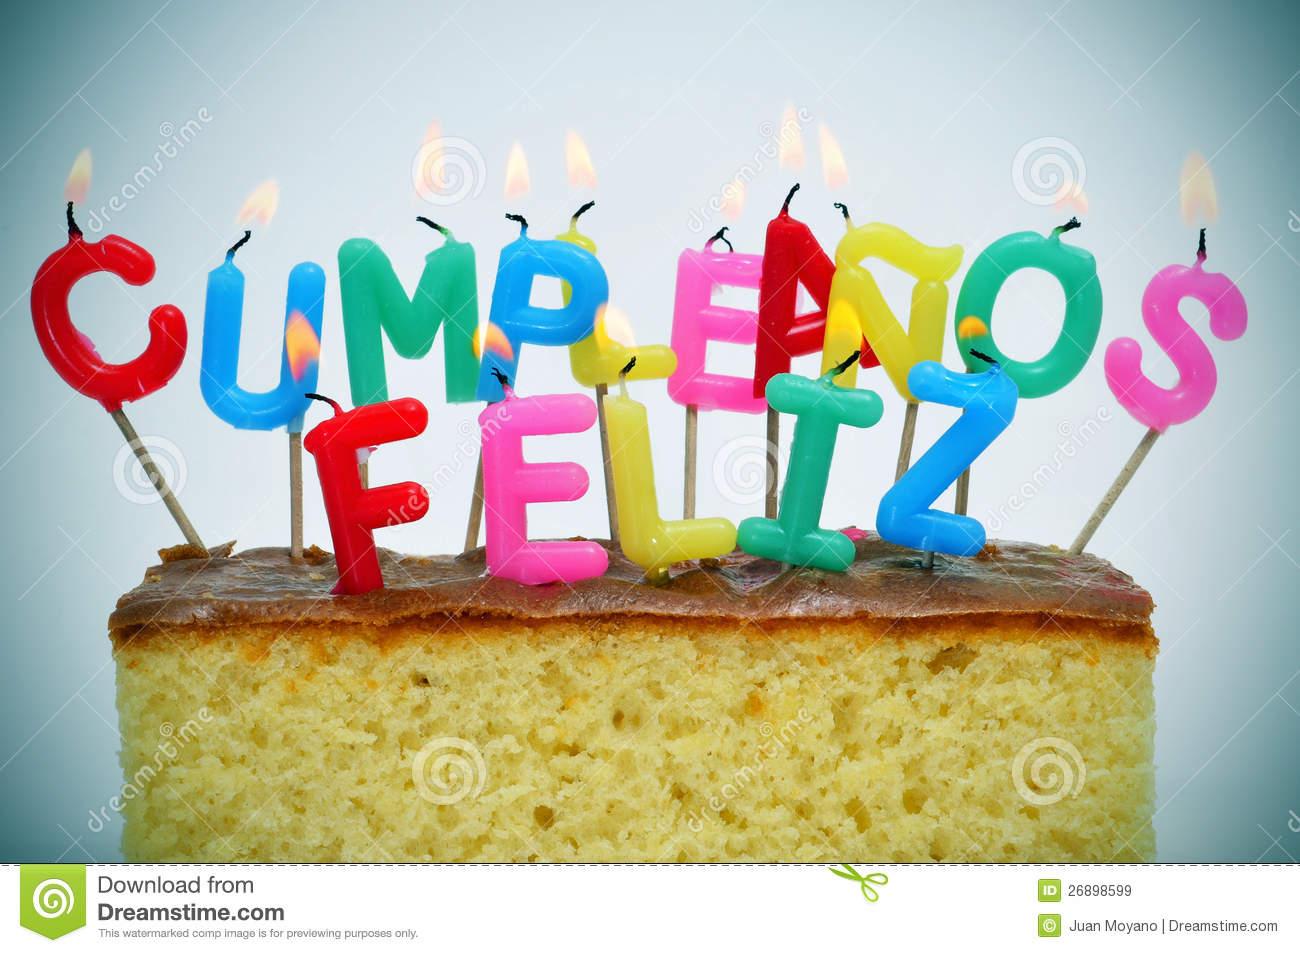 Carte anniversaire homme en espagnol gratuit